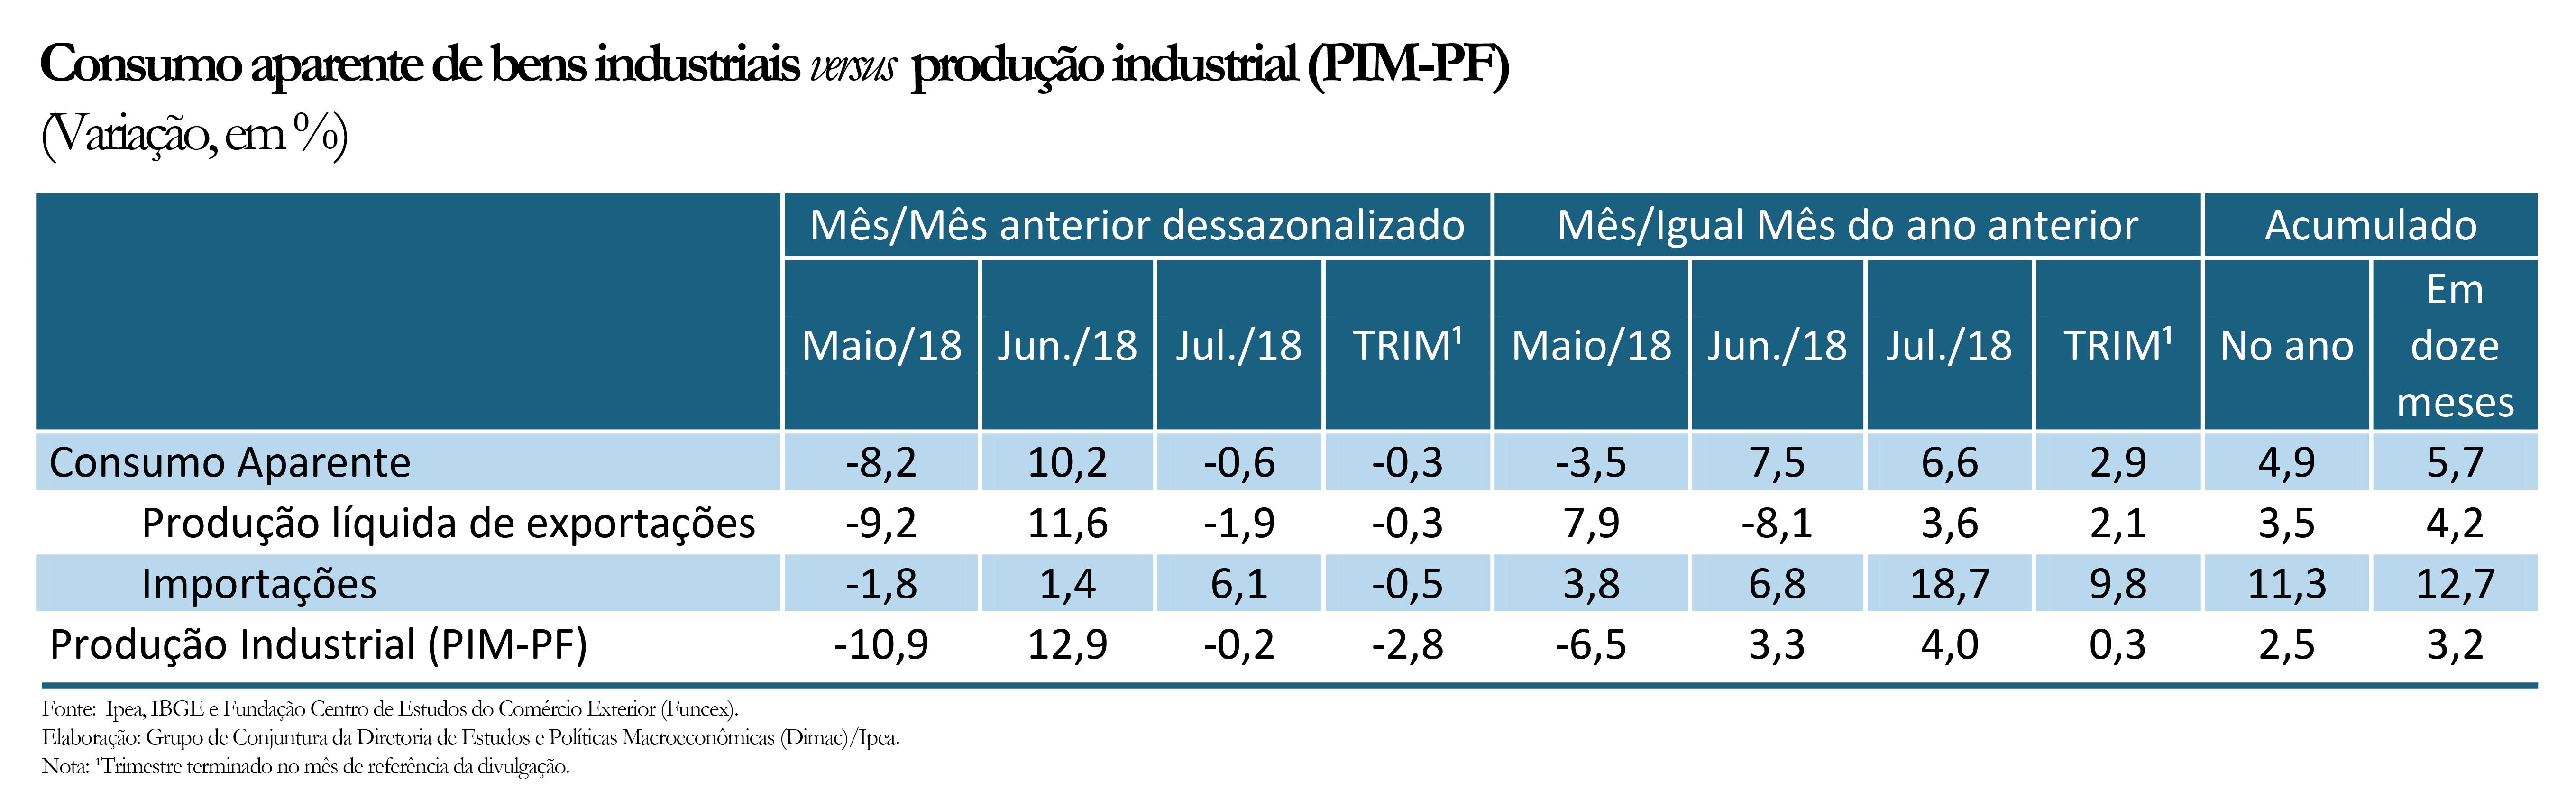 tabela consumo versus produção